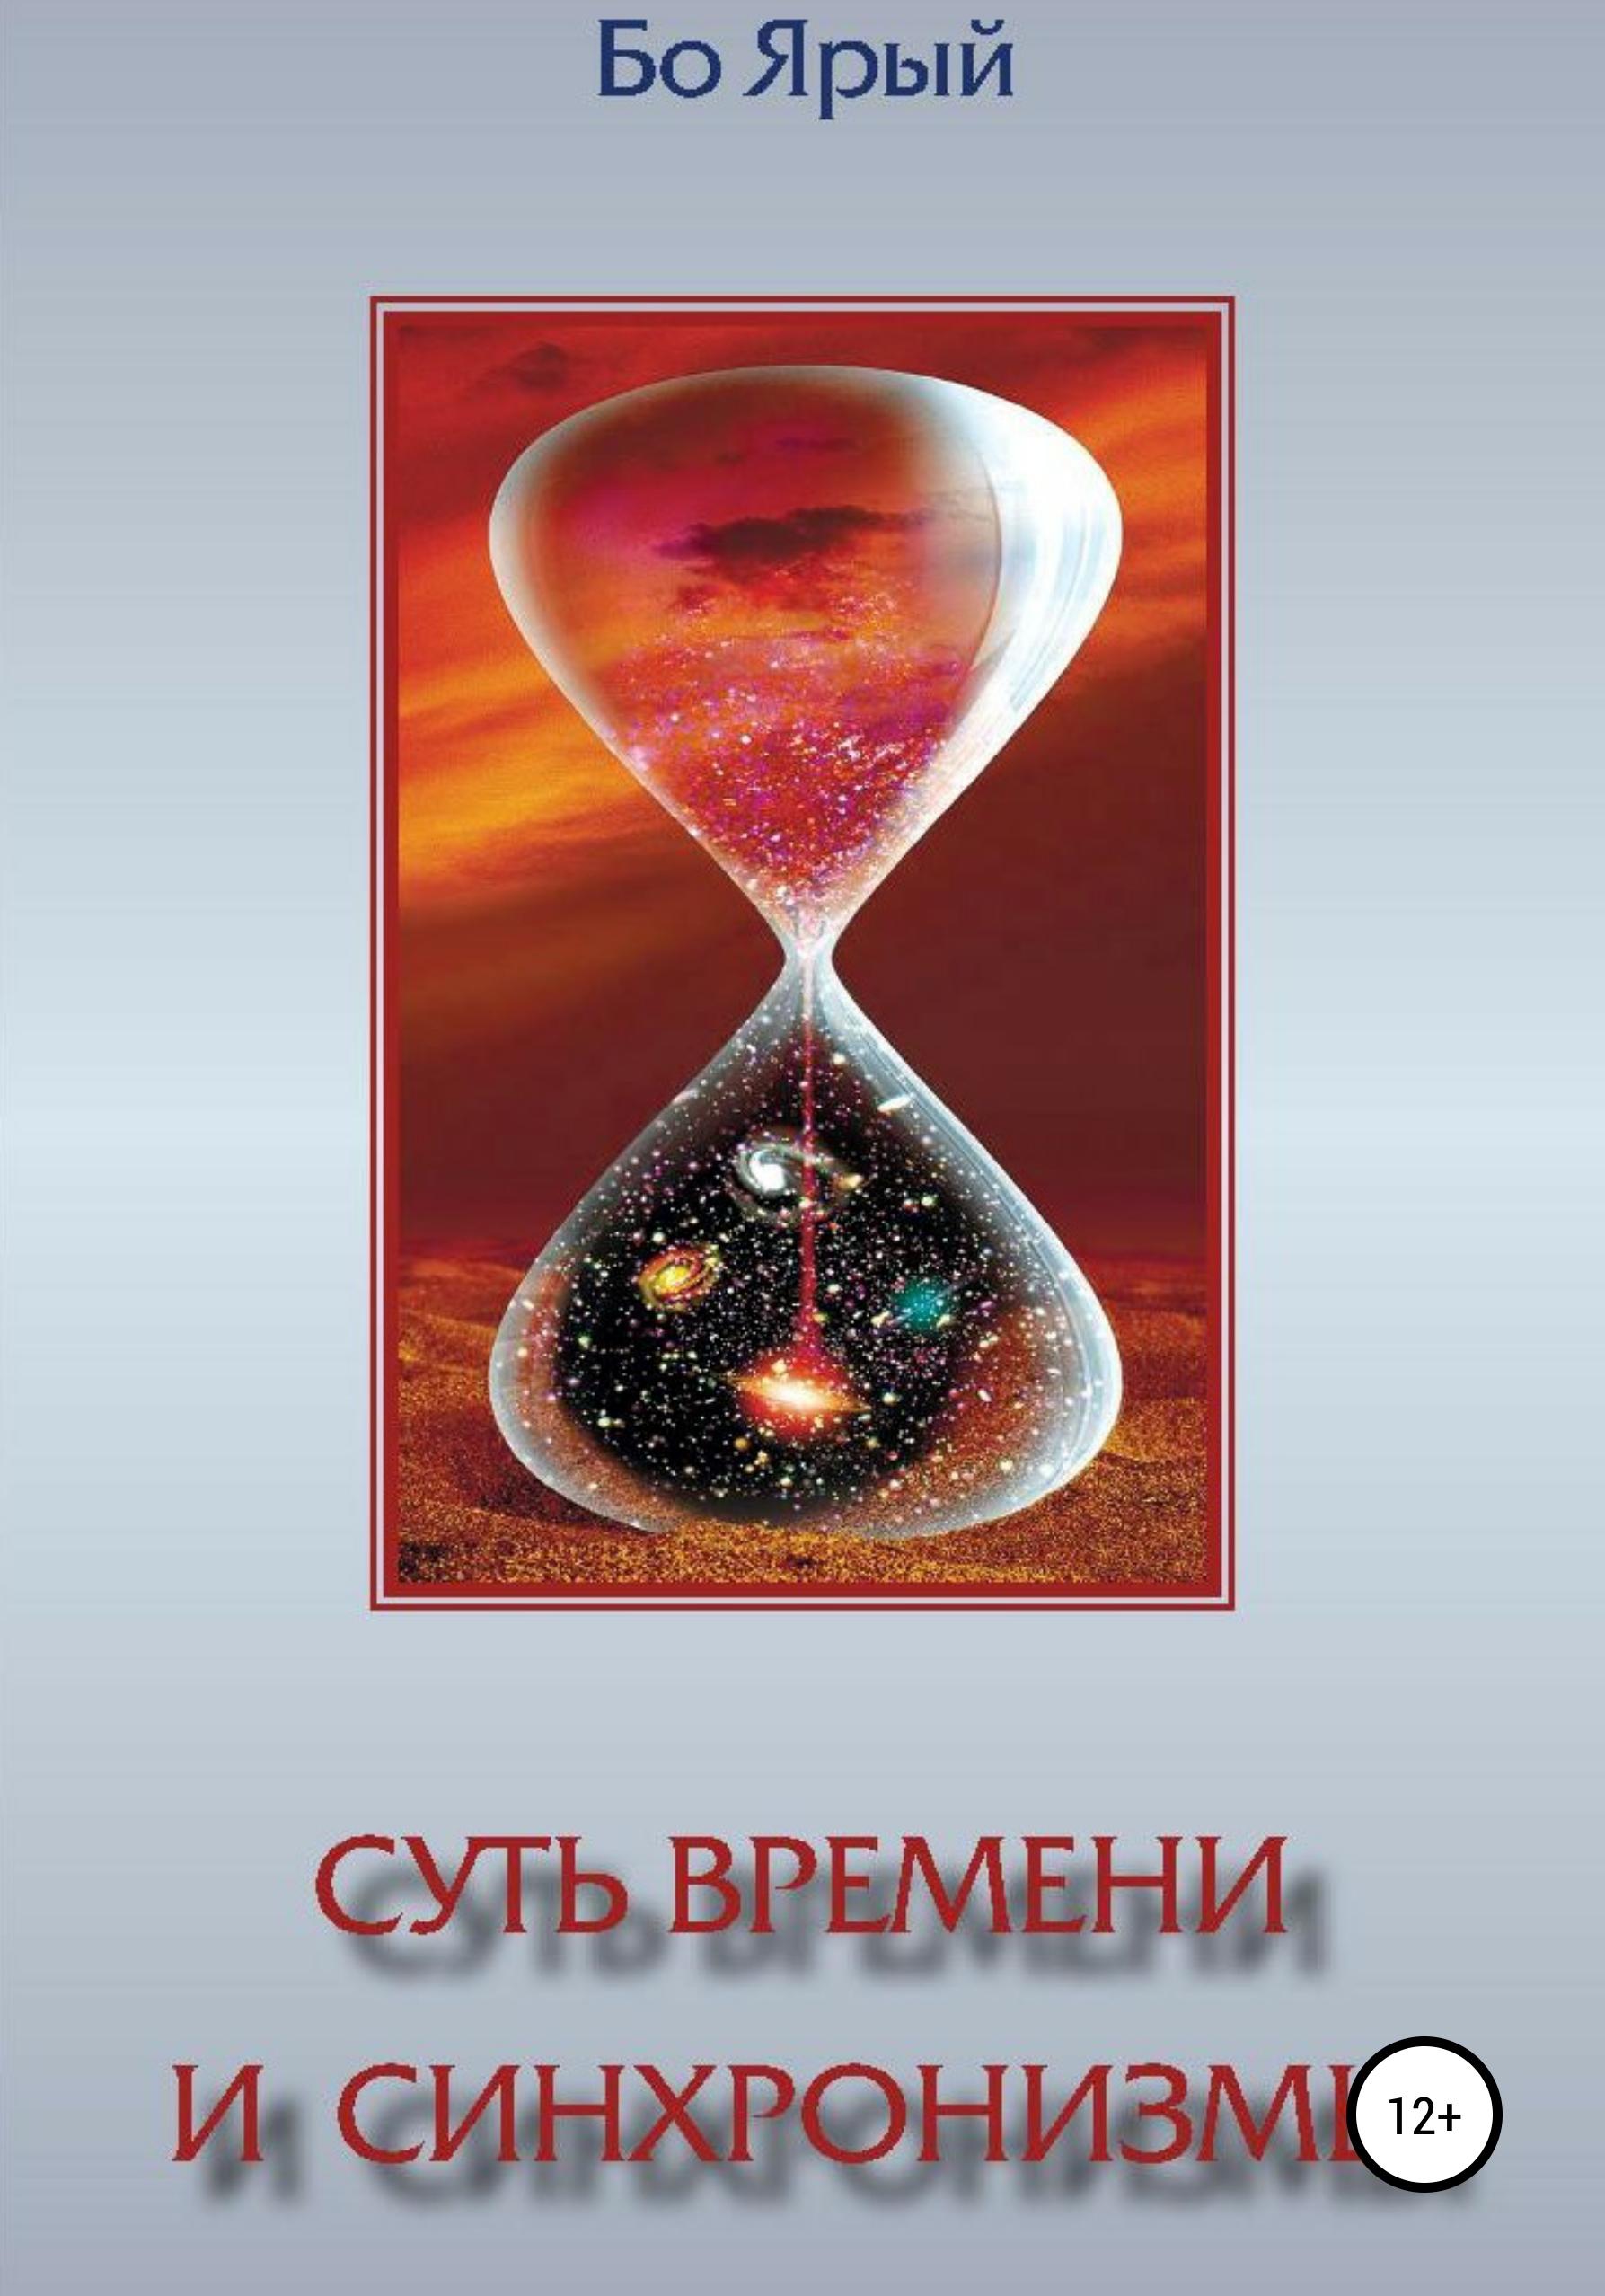 Купить книгу Суть Времени и Синхронизмы, автора Ивана Баурина Бо Ярого